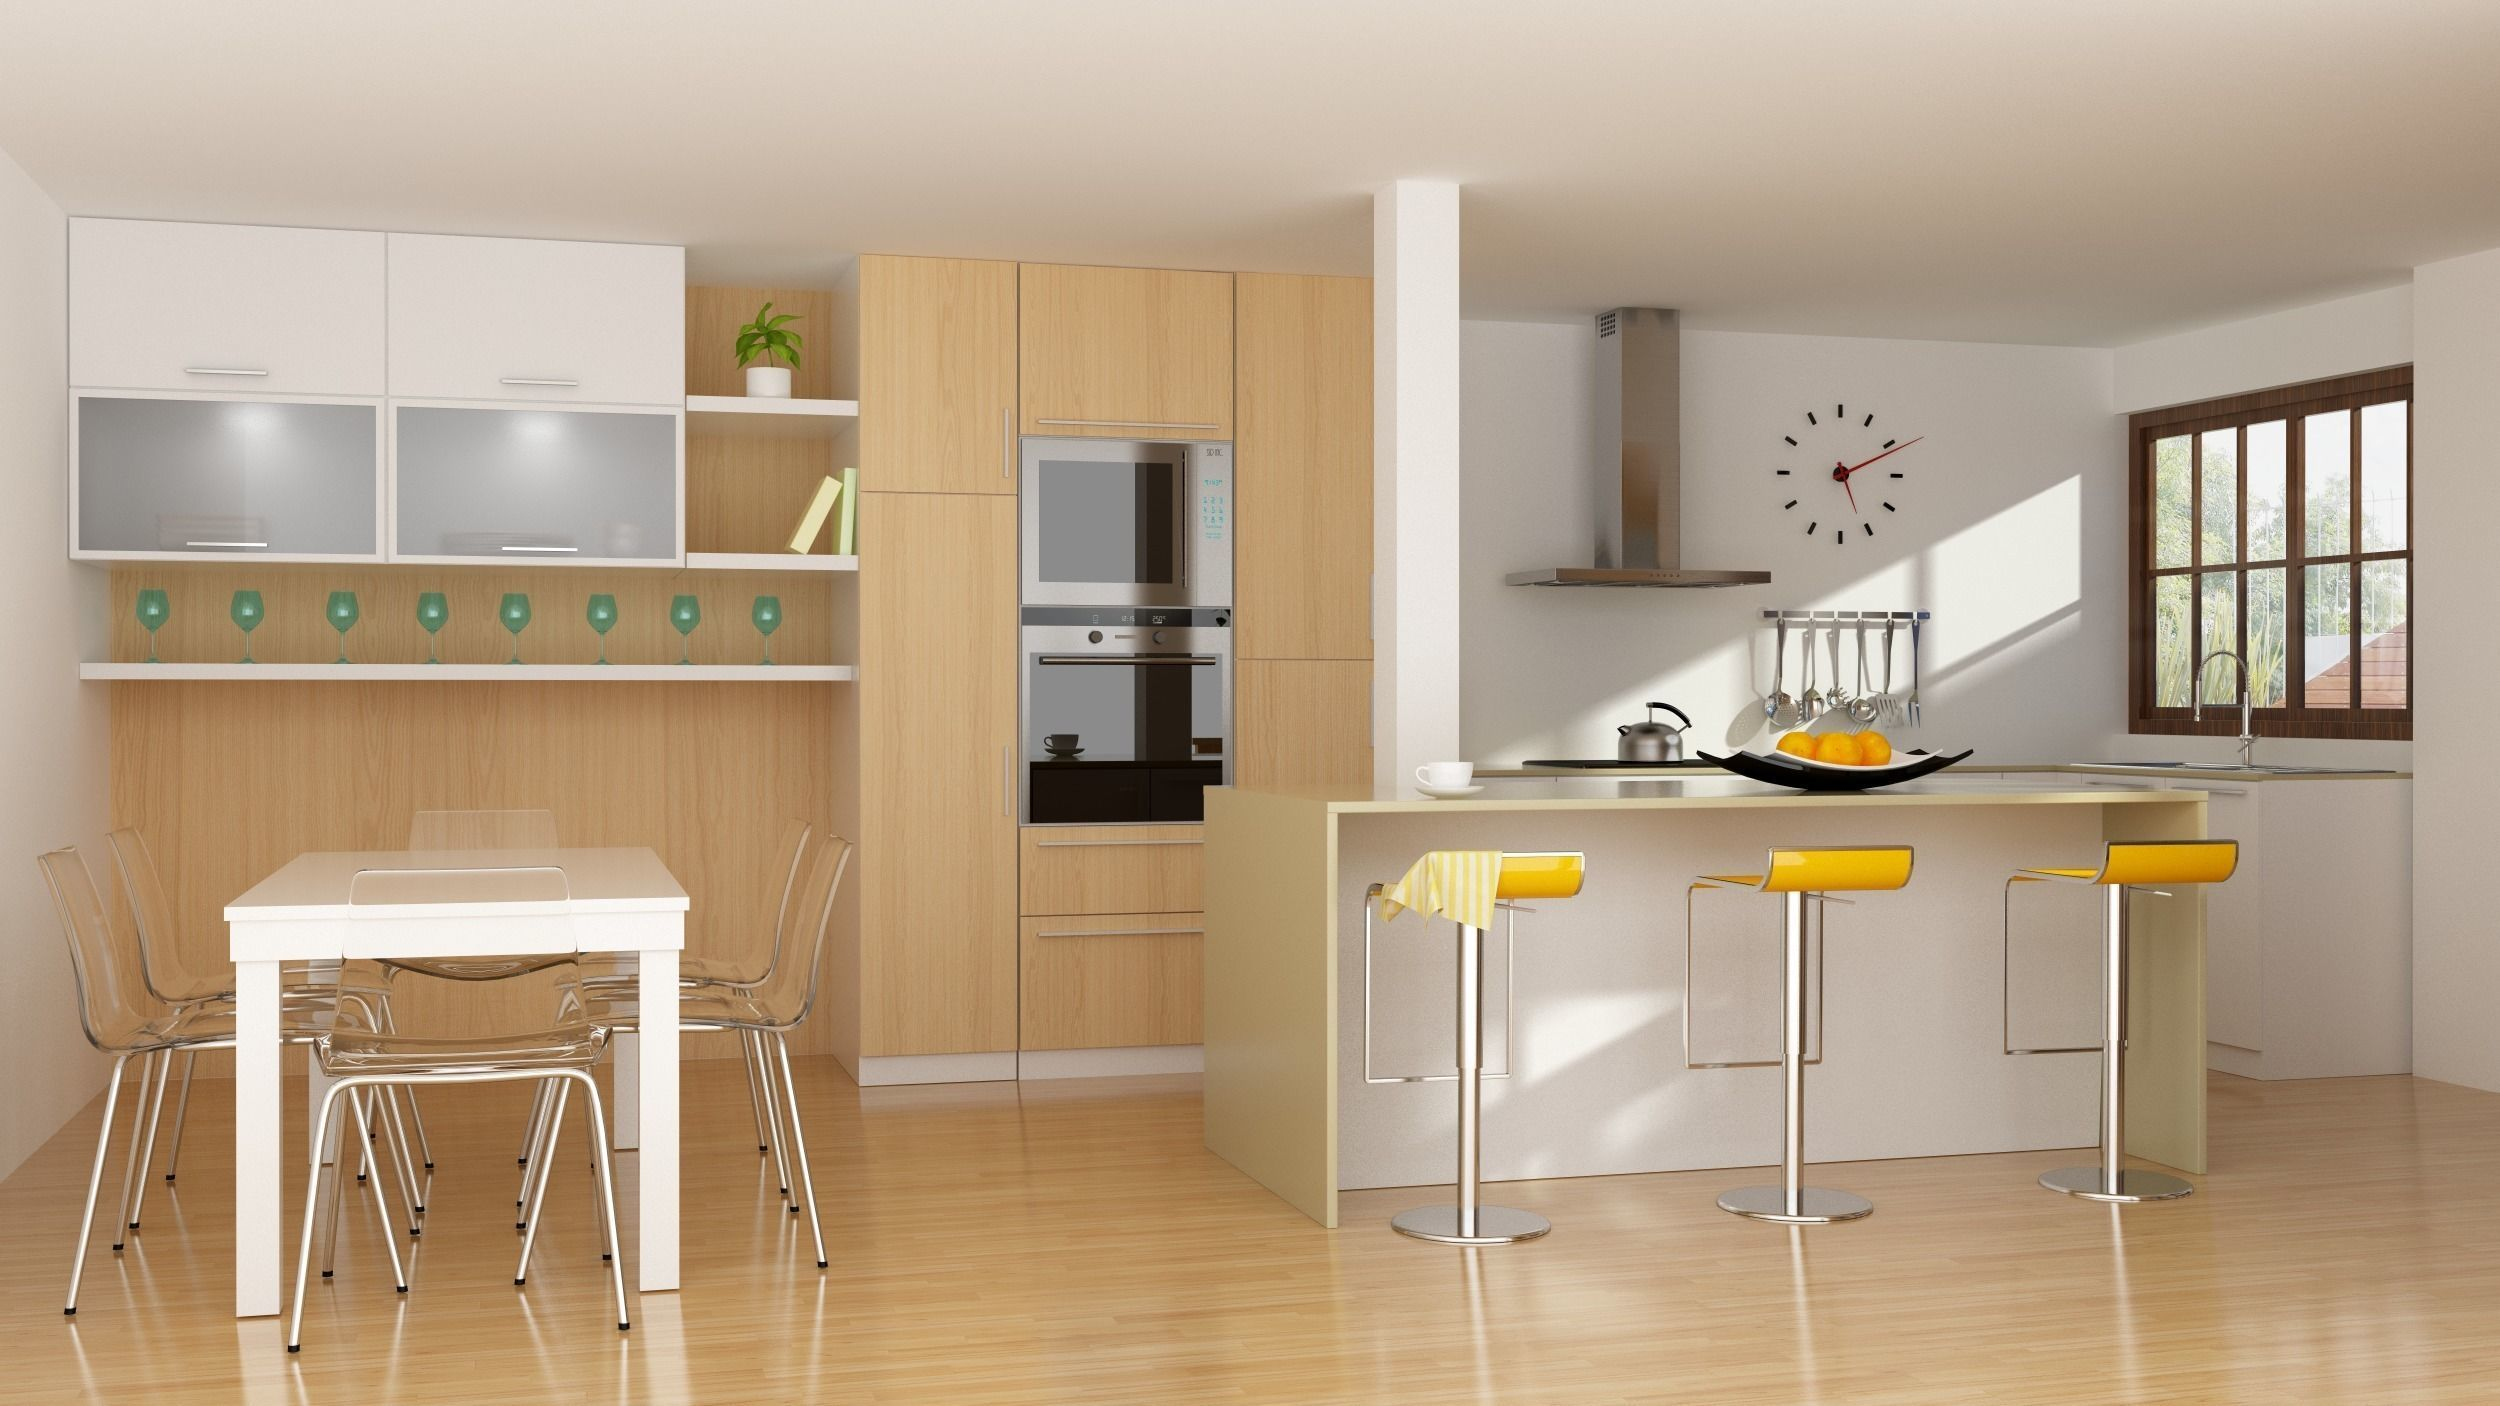 3D Modern kitchen interior with parquet floor | CGTrader on Modern Model Kitchen  id=29974